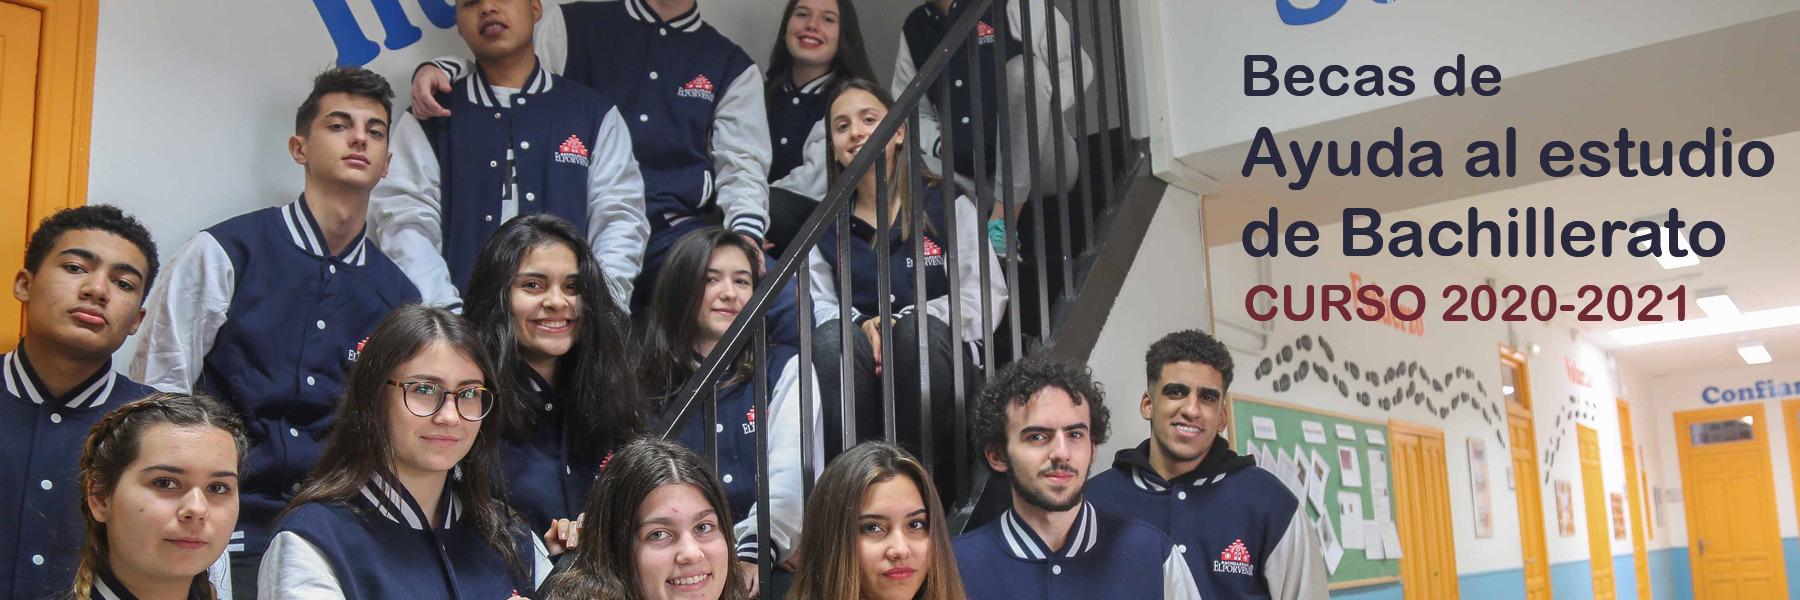 Beca de Ayuda al estudio de Bachillerato (curso 2020-2021)